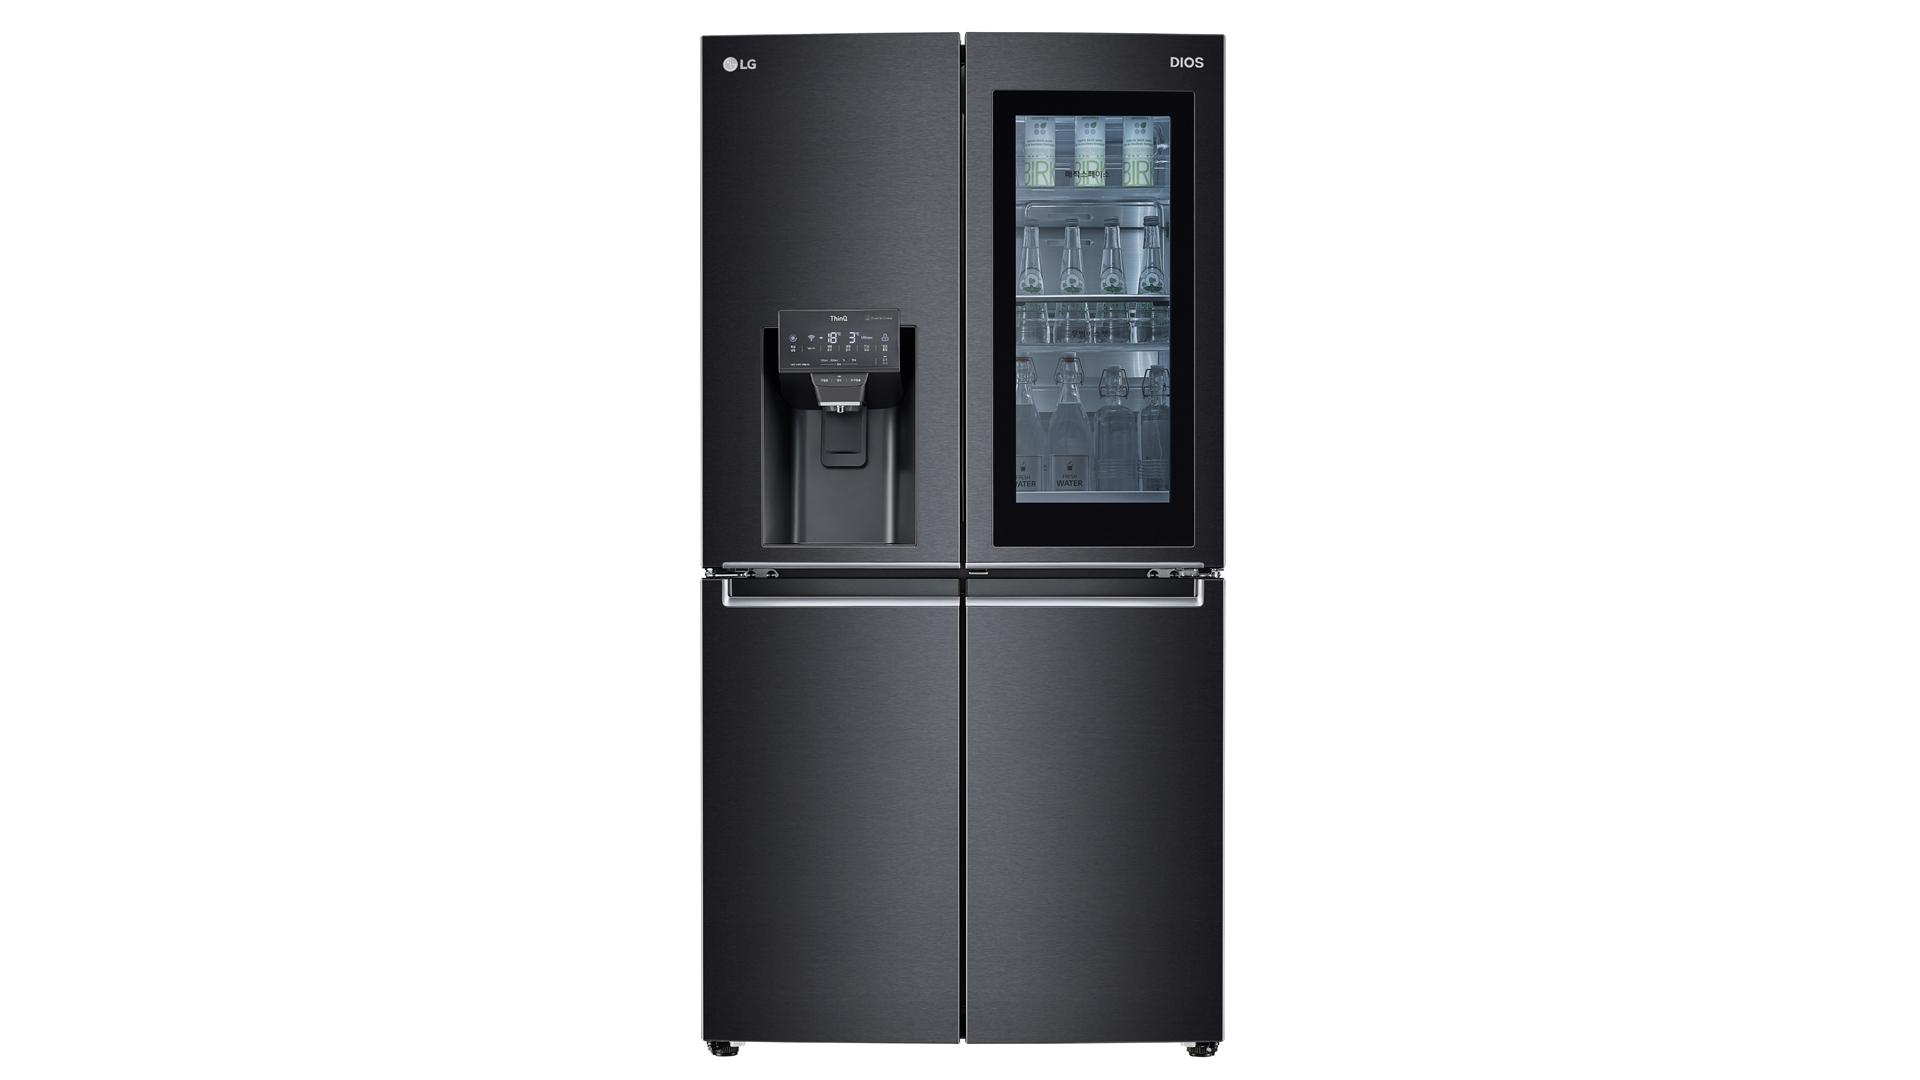 음성만으로 냉장고 문이 열리고 위생관리는 보다 철저해진 'LG 디오스 얼음정수기냉장고'(모델명: J823MT75V) 제품사진